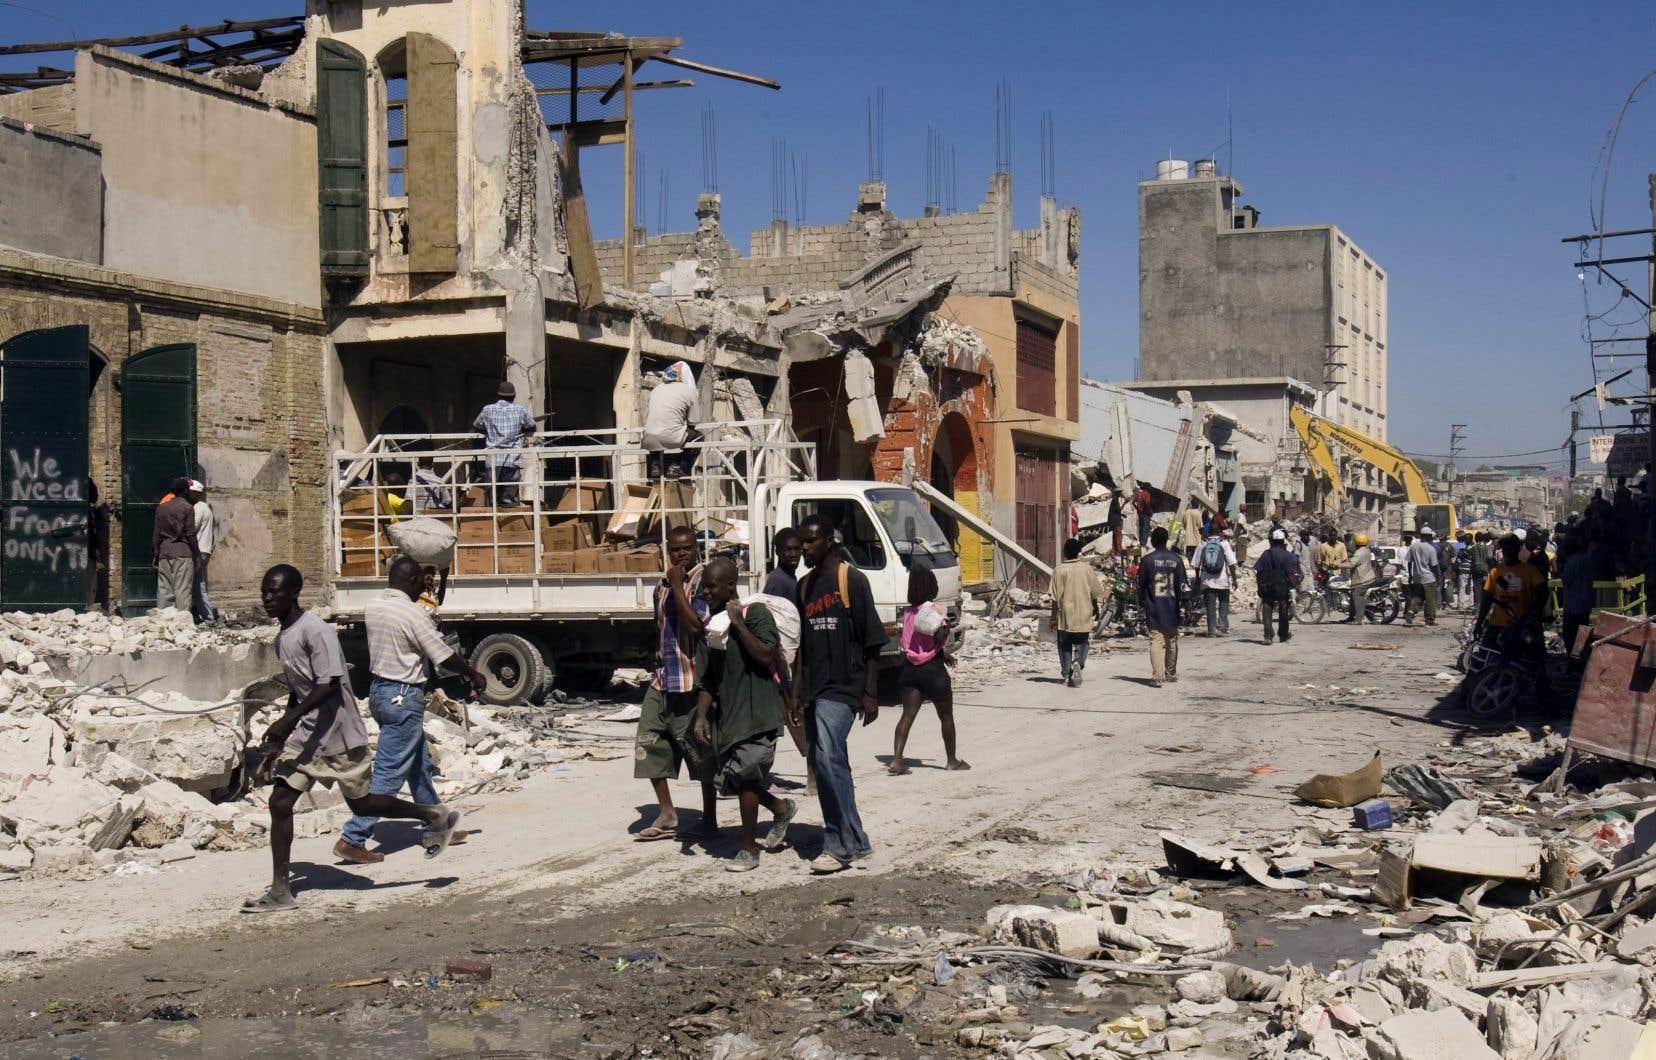 Les travailleurs humanitaires arrivés en masse en Haïti après le tremblement de terre du 12 janvier 2010 ont pris le relais des Casques bleus comme clients des prostituées.